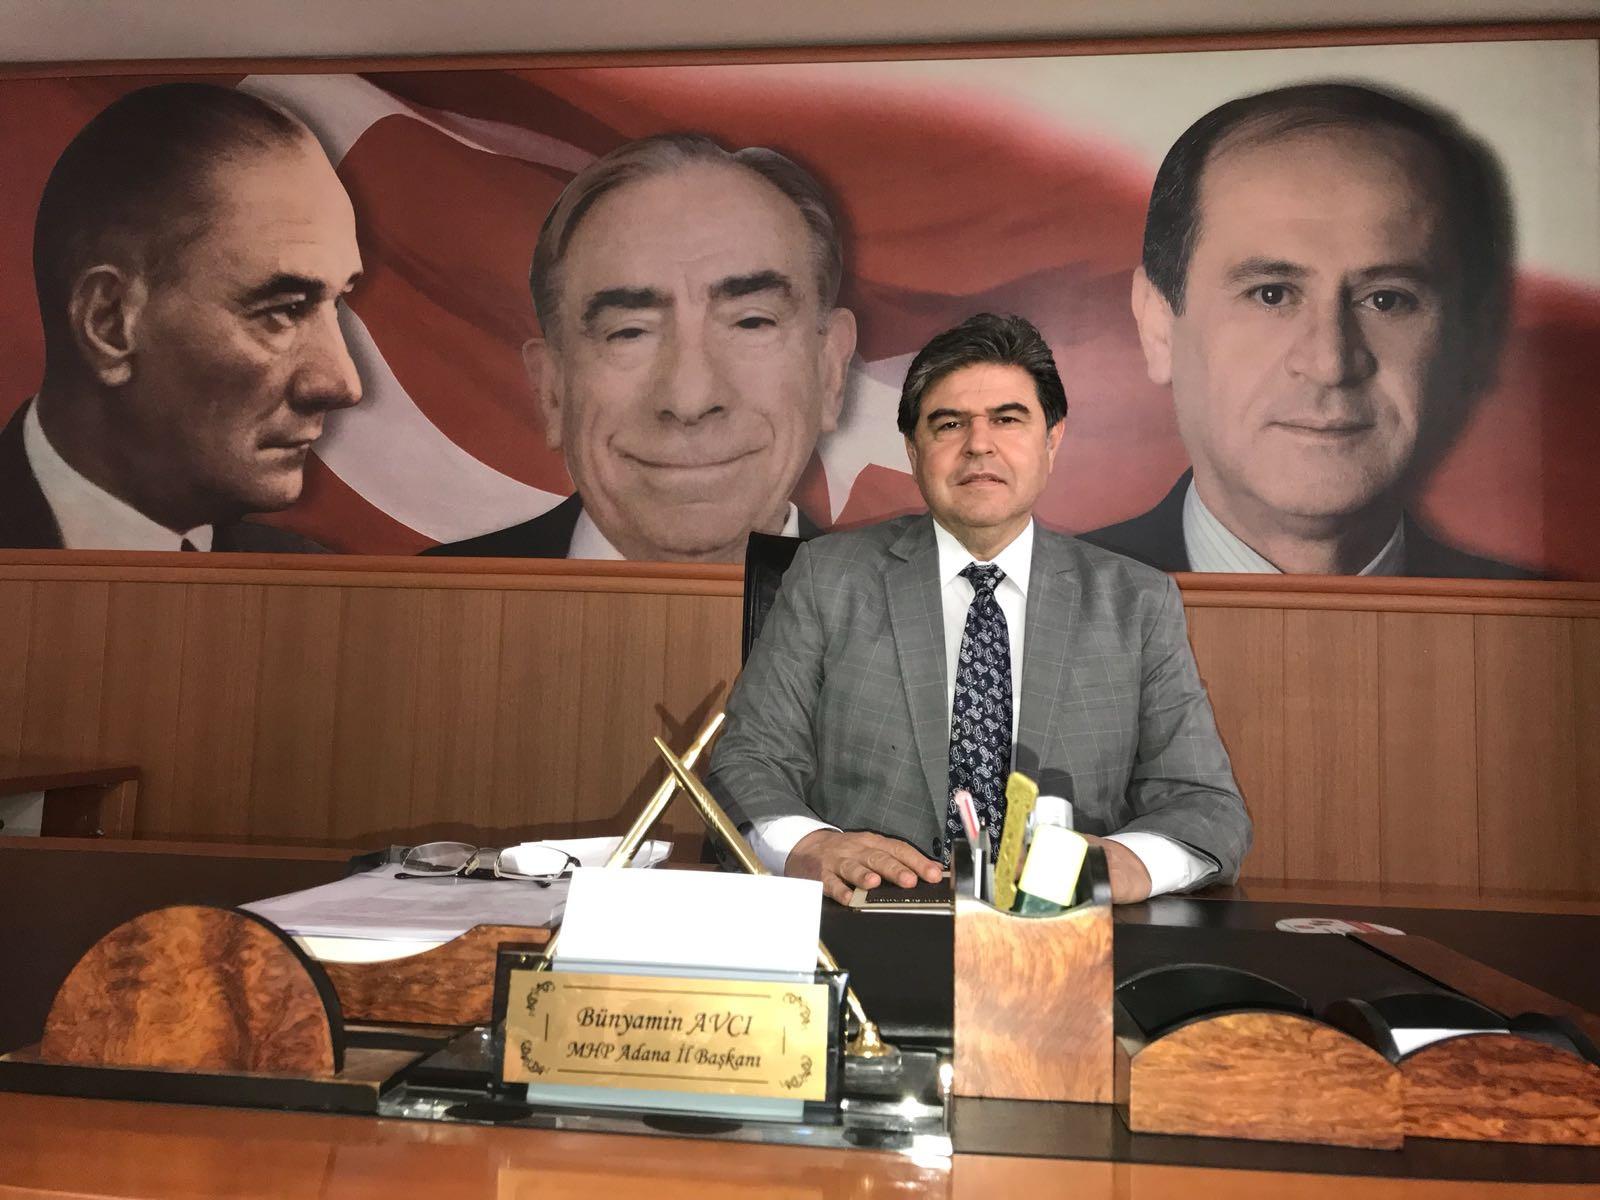 MHP Adana İl Başkanı Avcı: Türk polisi, milletimizin ortak gururudur